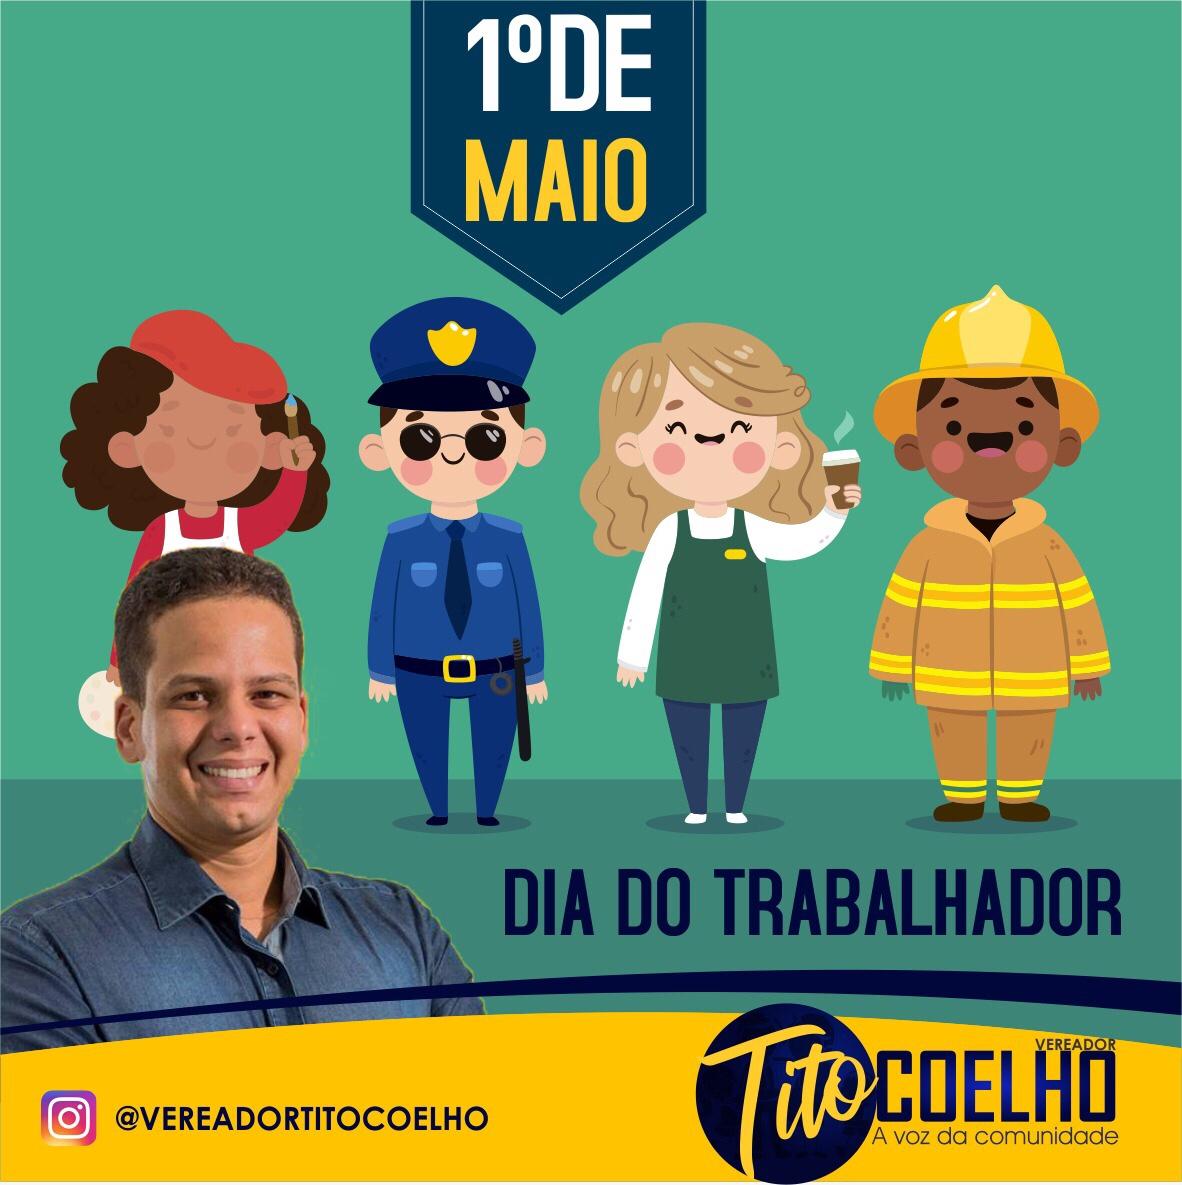 Vereador Tito Coelho parabeniza os trabalhadores (as)